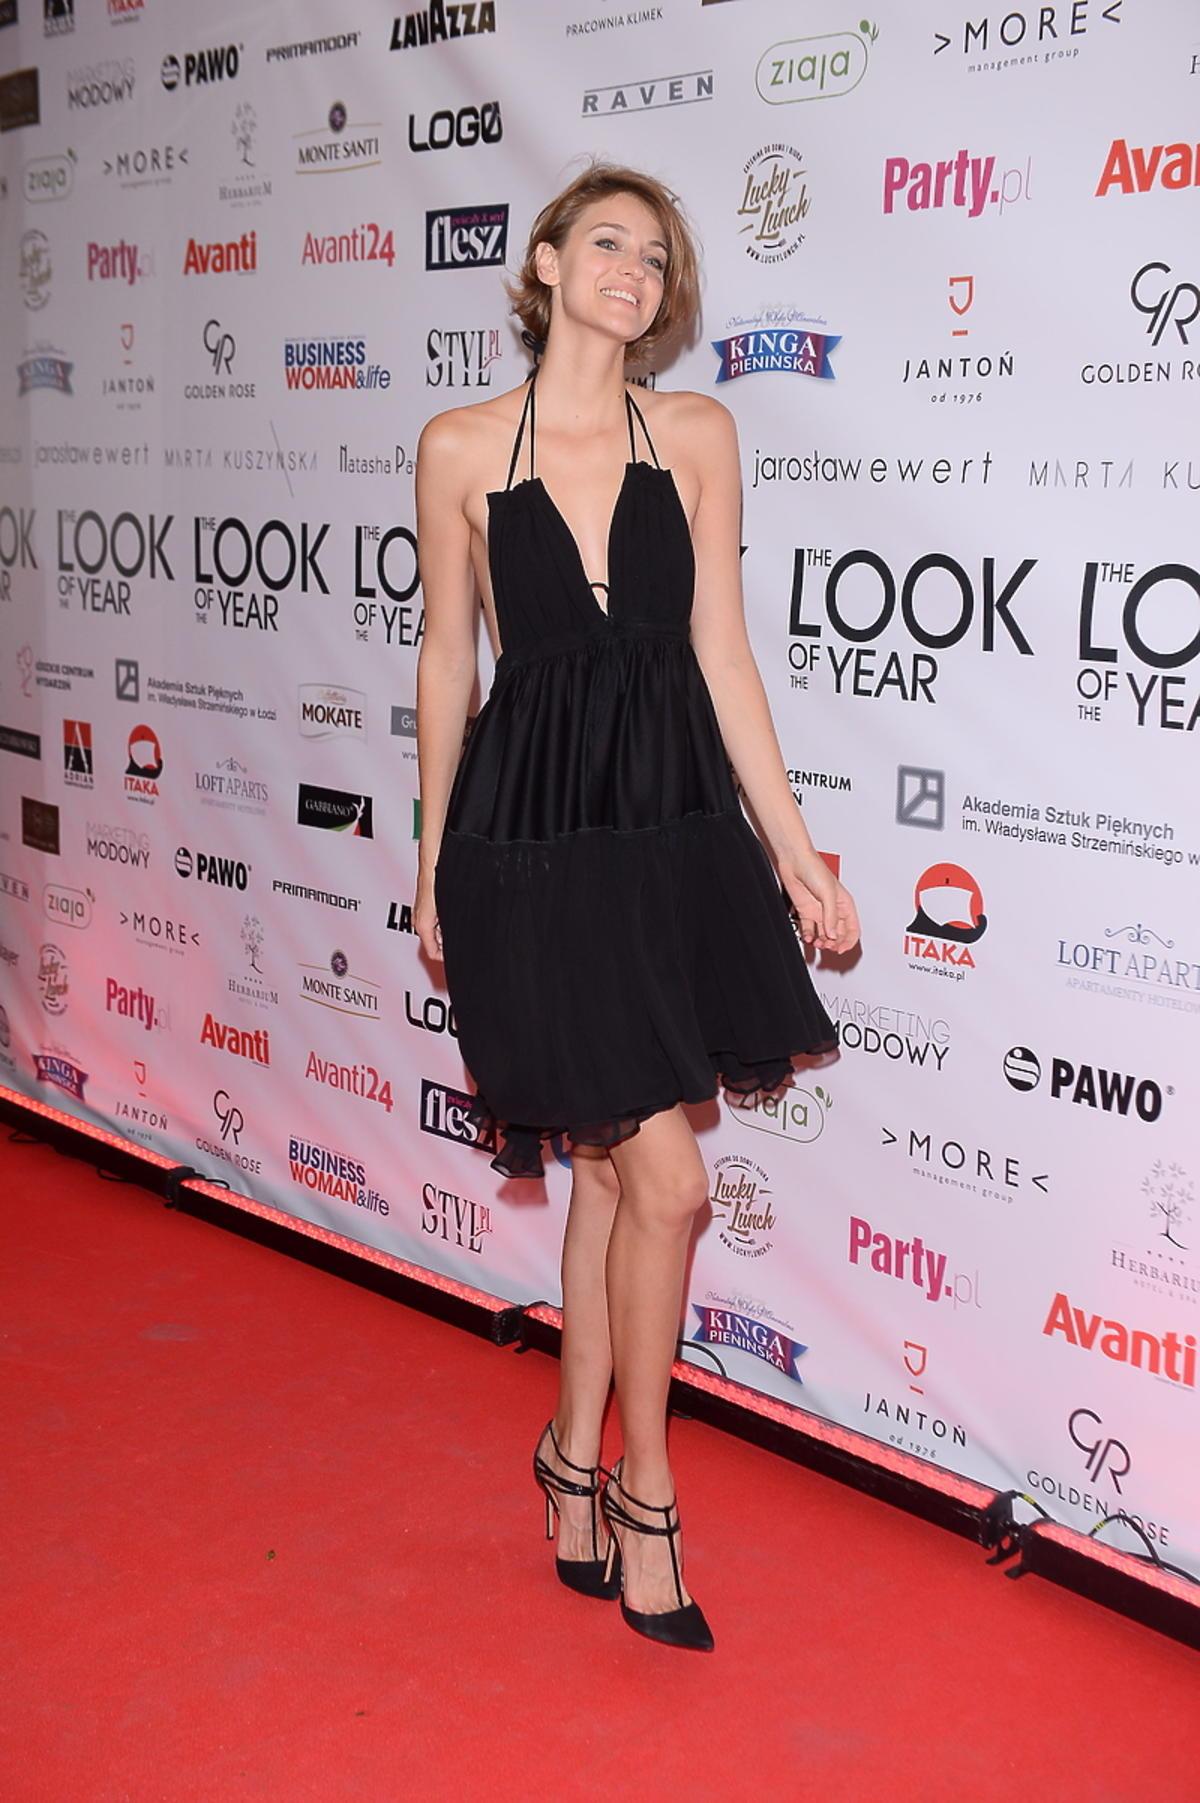 Renata Kaczoruk, Look of The Year